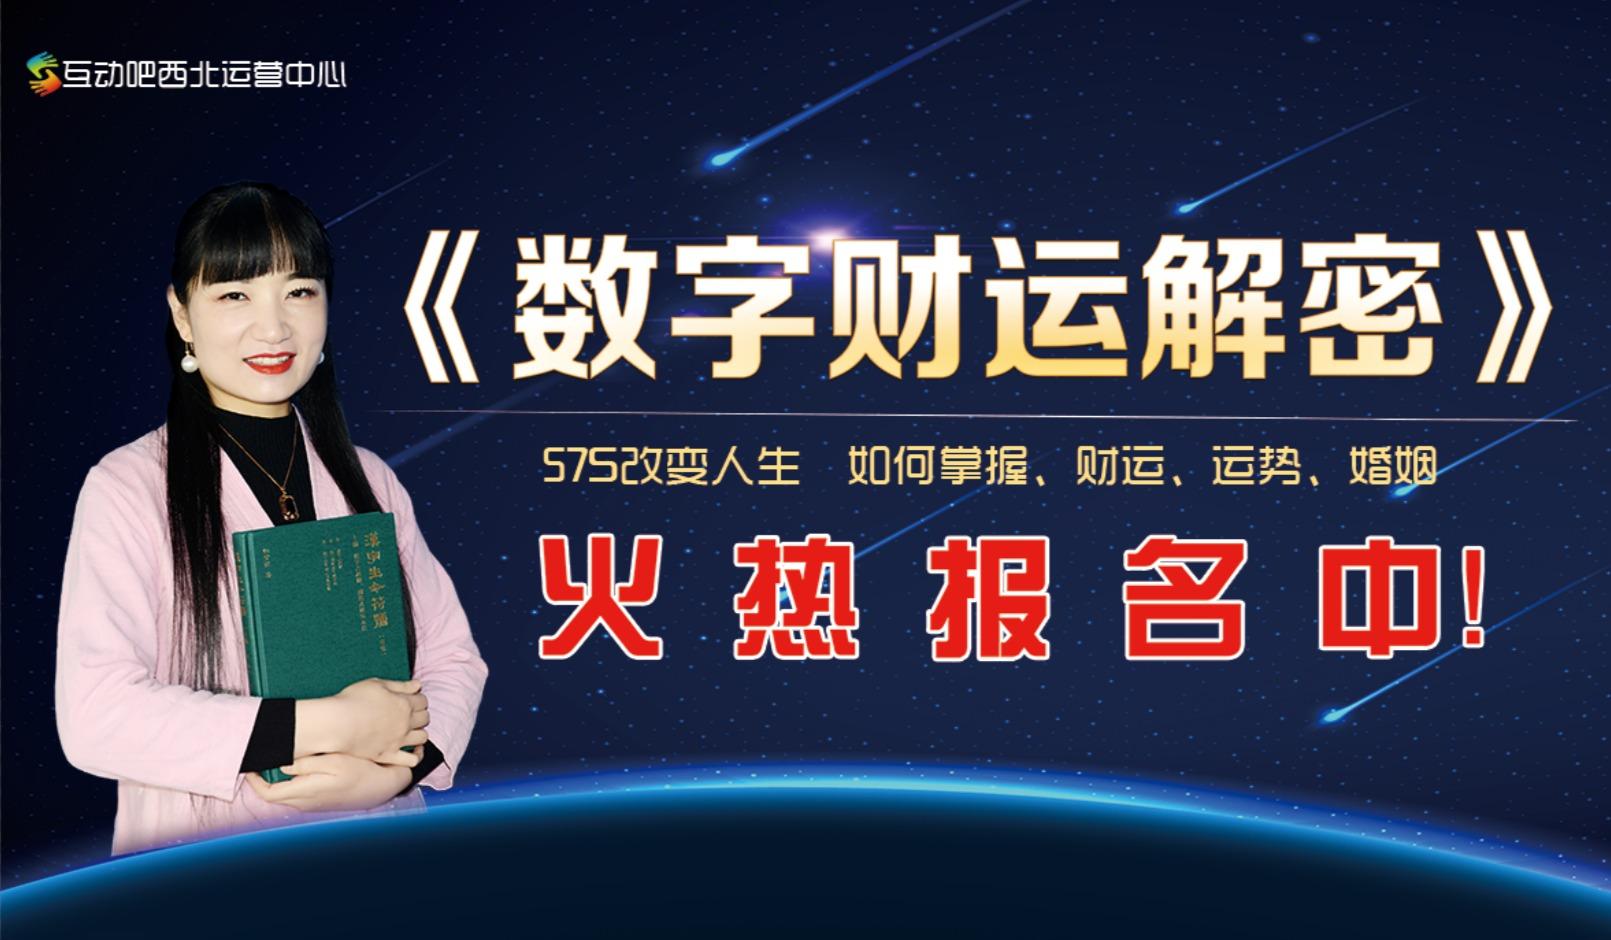 全国《数字财运解密》学习,火热招生中!中国知名导师授课!!!!